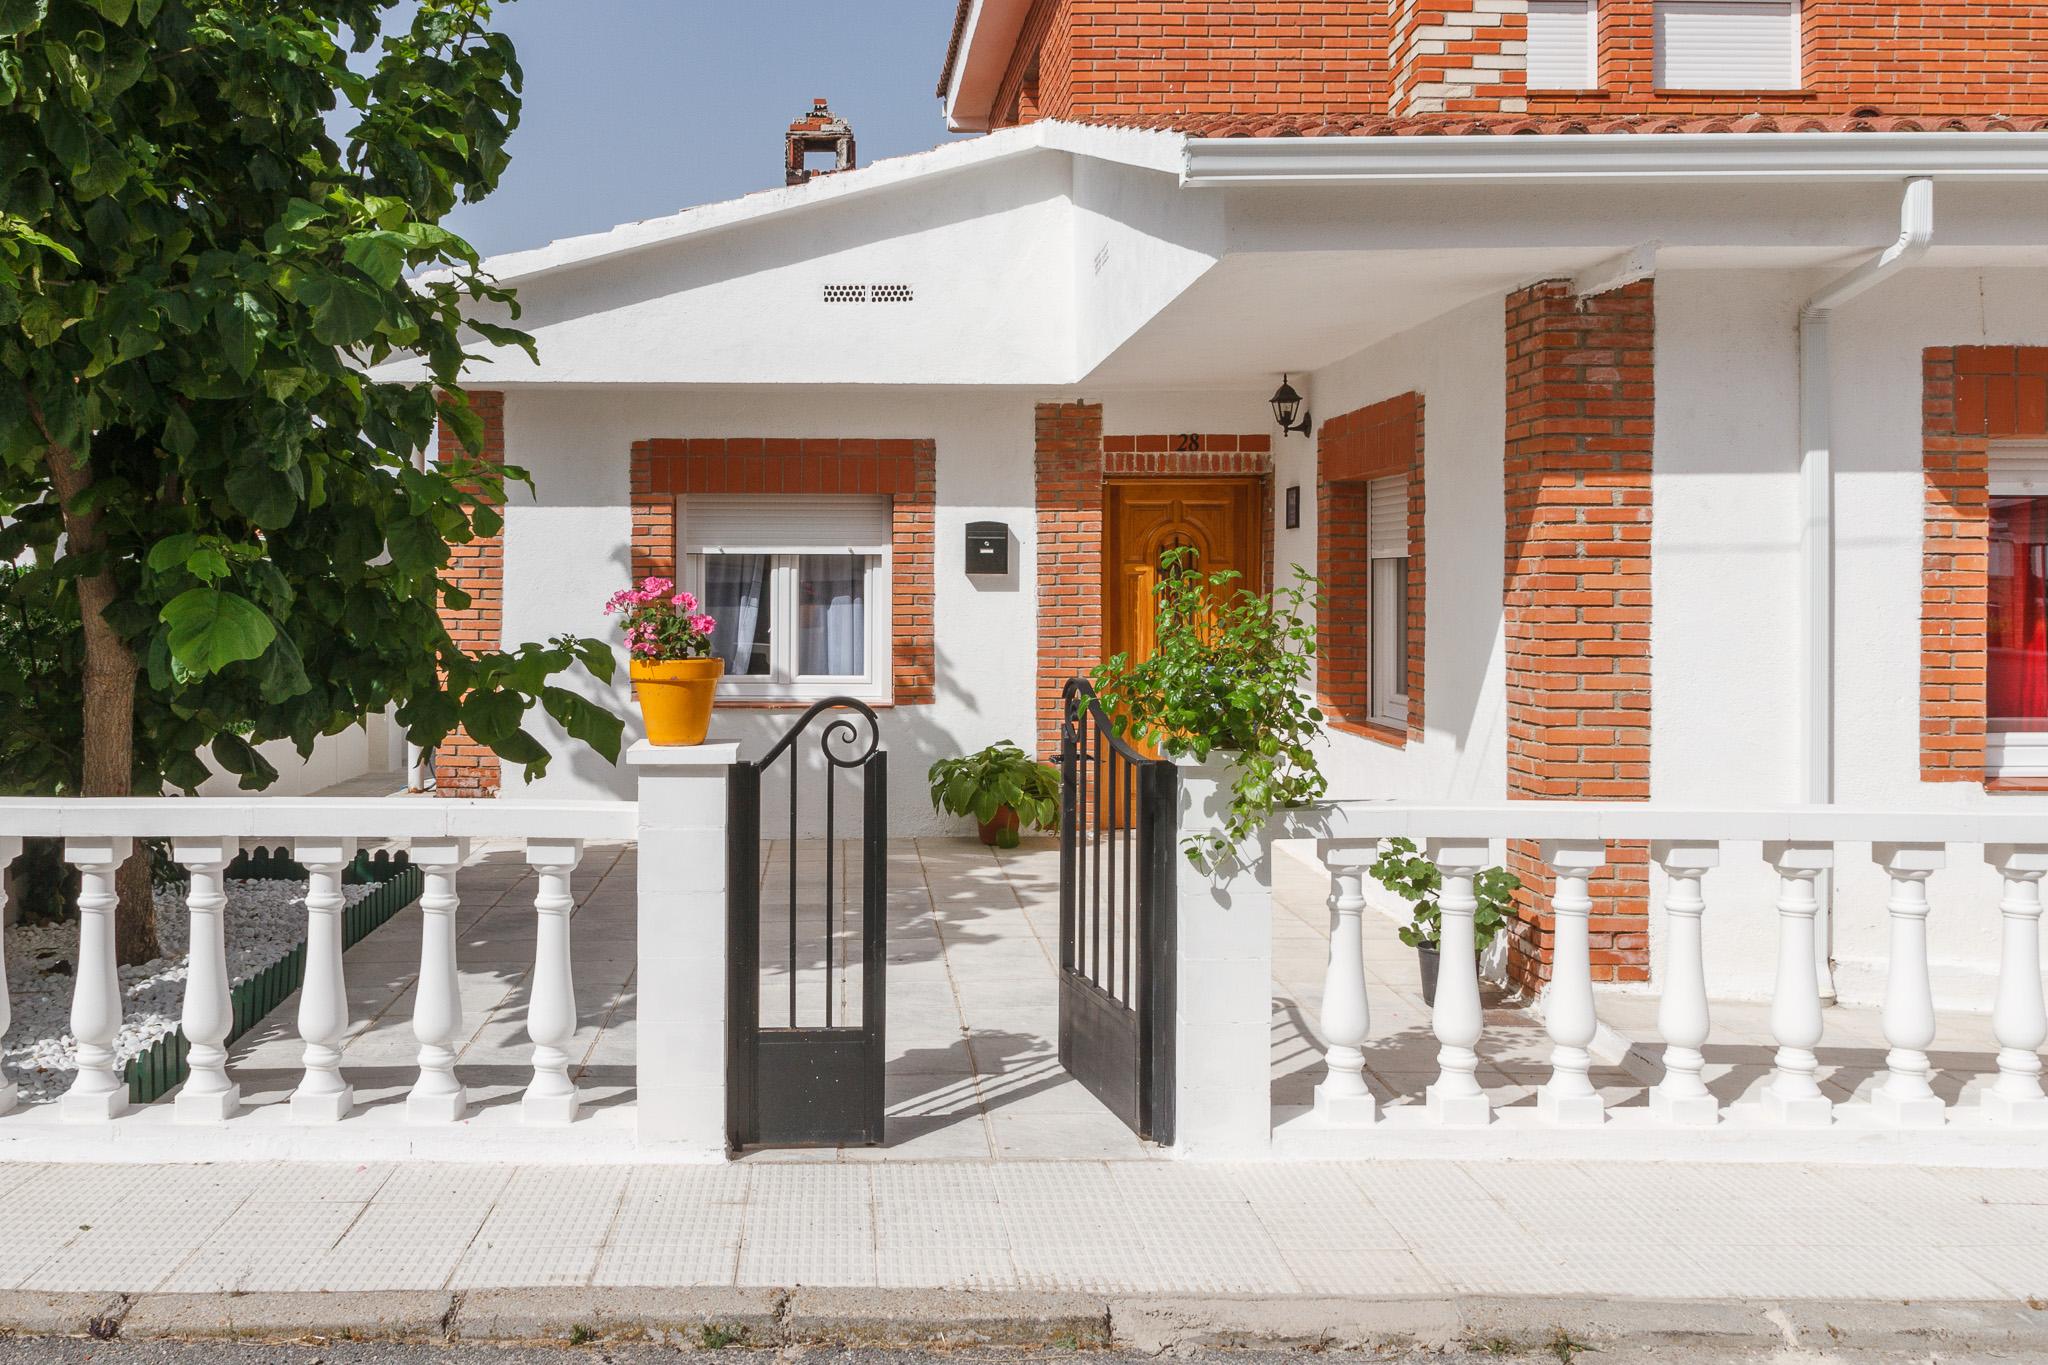 Maison touristique le Navego